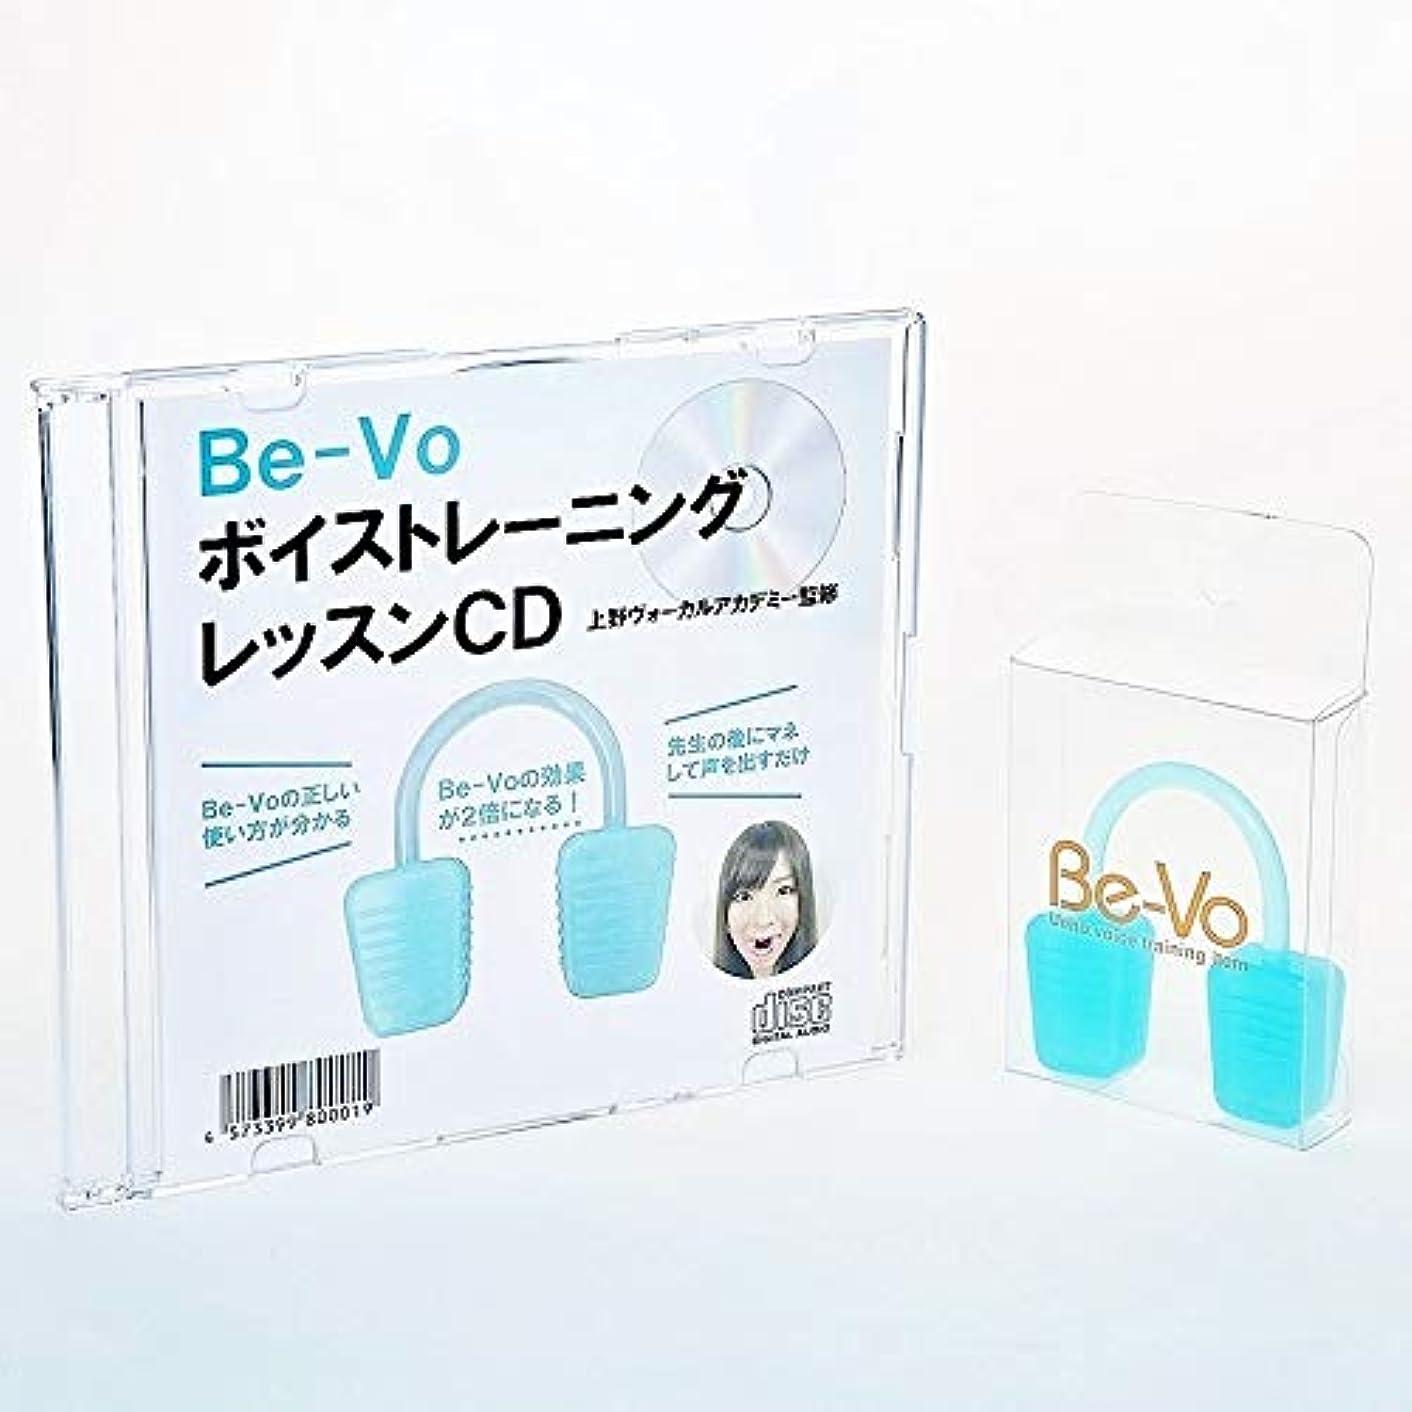 オール習慣舞い上がるBe-Vo CD セット ブルー|ボイストレーニング器具Be-Vo(ビーボ)+Be-VoボイストレーニングレッスンCD2点セット